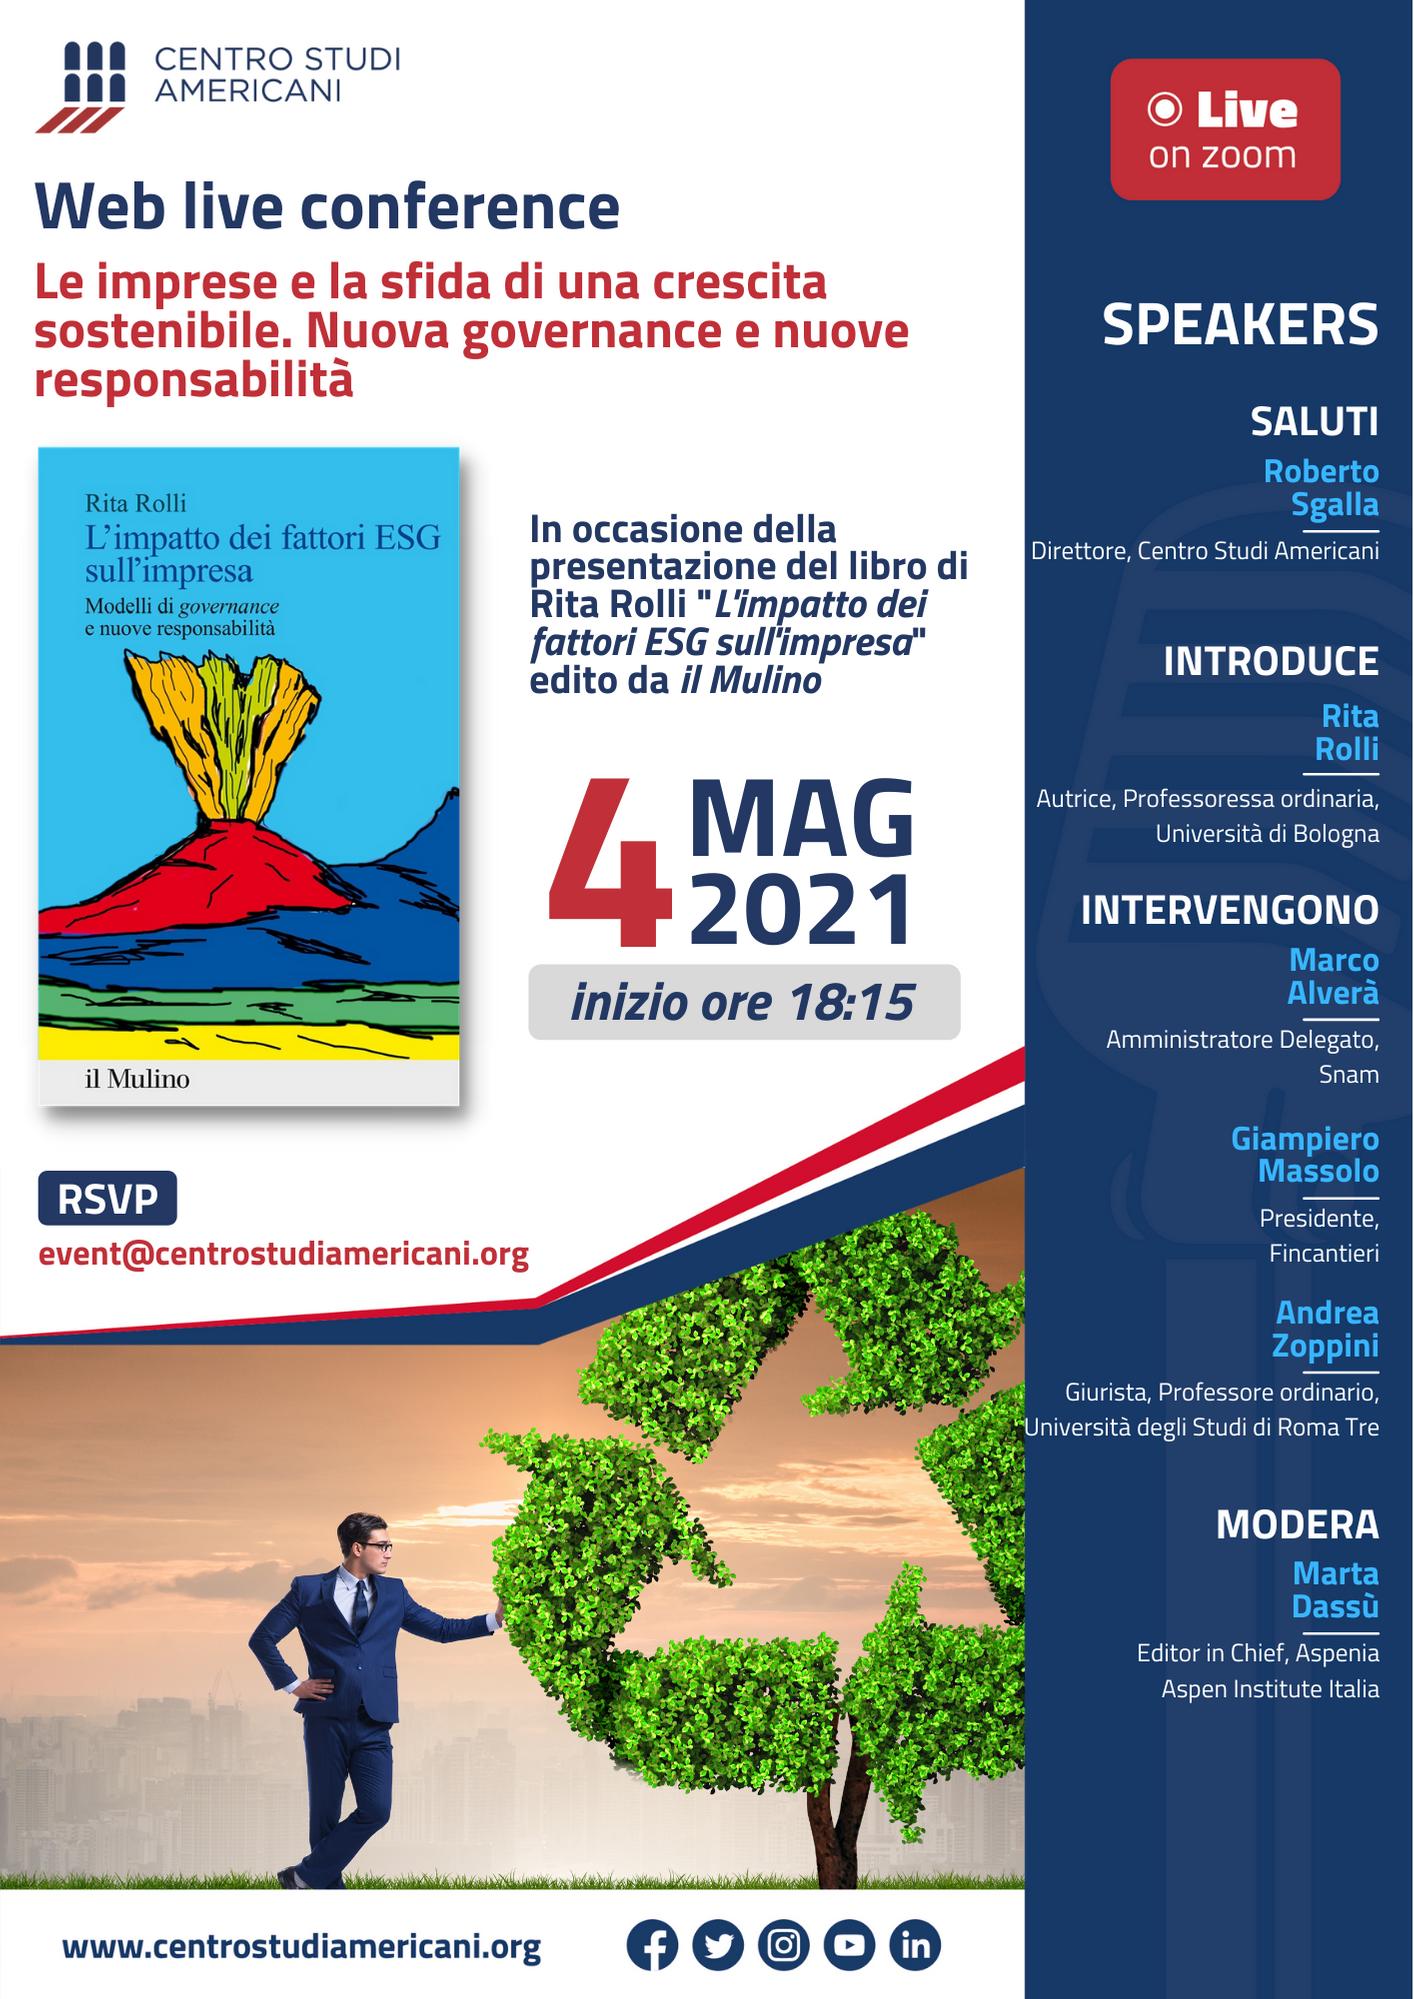 web live conference 4 maggio